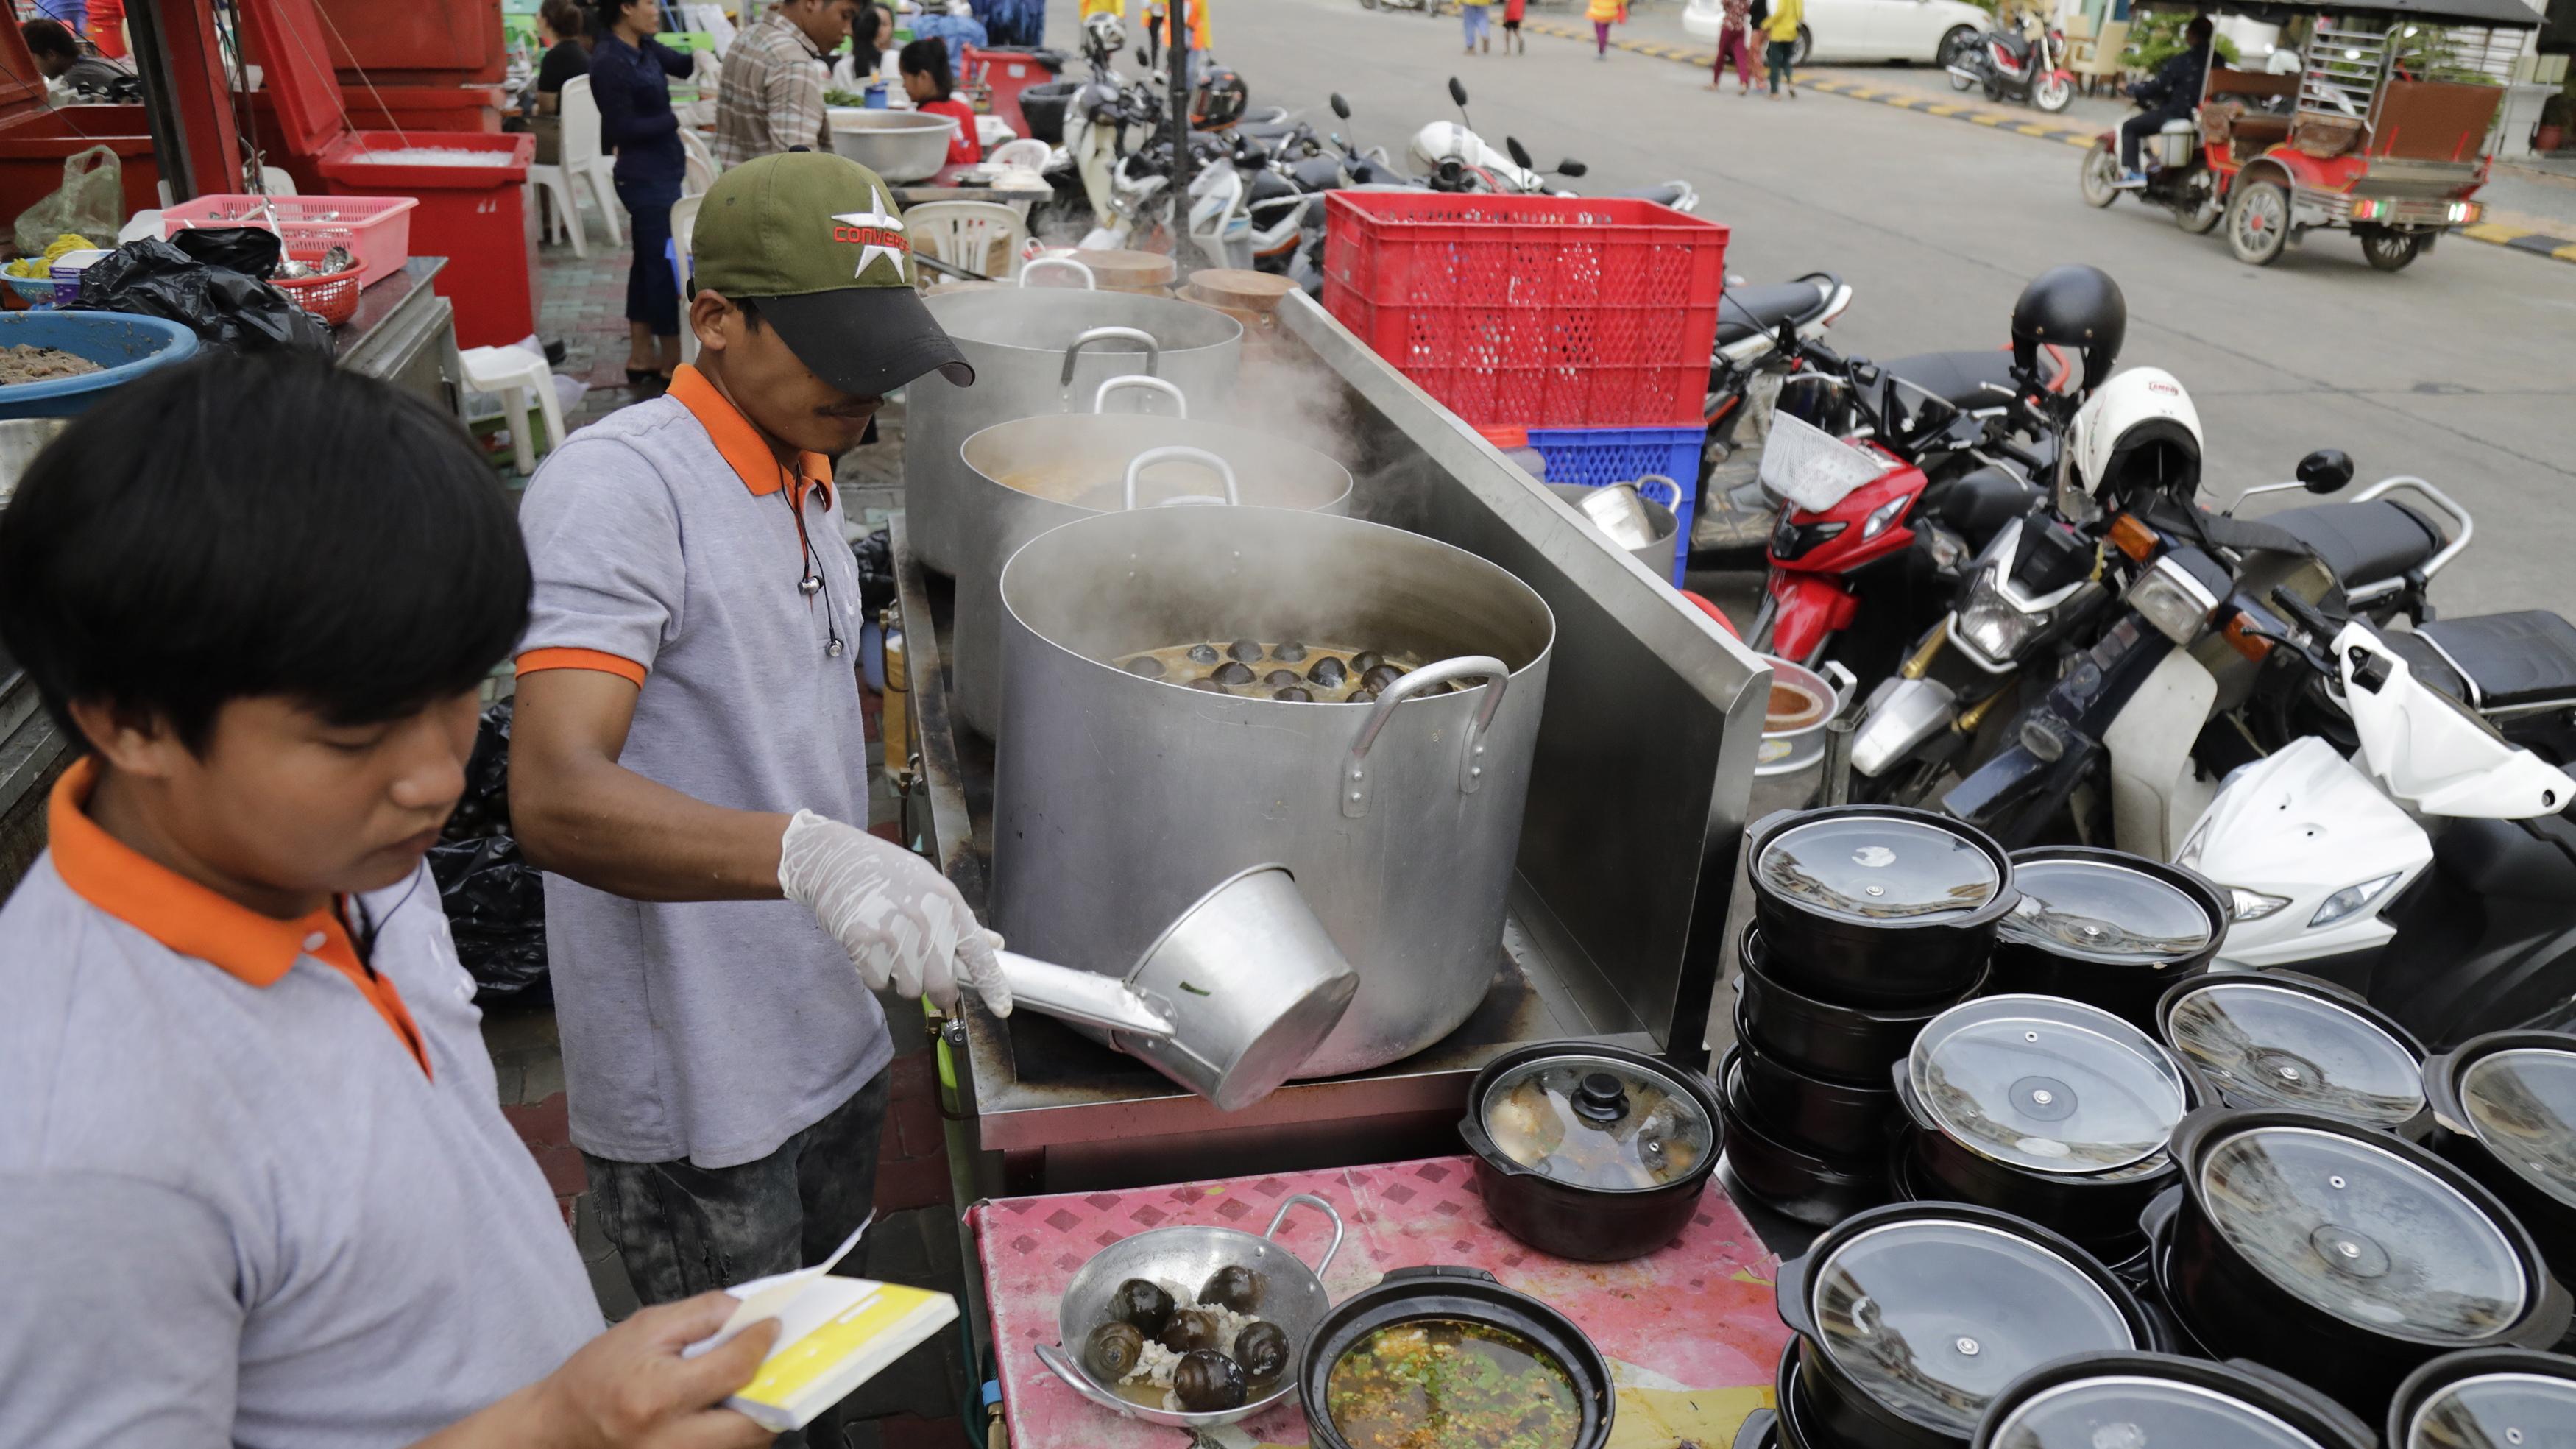 В Тайланд сред най-известните и обичани е Pad Thai, в Хонг Конг това са пържени къри топки от мляно месо от риба, купата с нудли е на най-висша почит във Виетнам, Masala Dosa`s, Pav Bhaji, Panipuris и сладката закуска Malai Kulfi са сред традиционните фаворити в Индия.